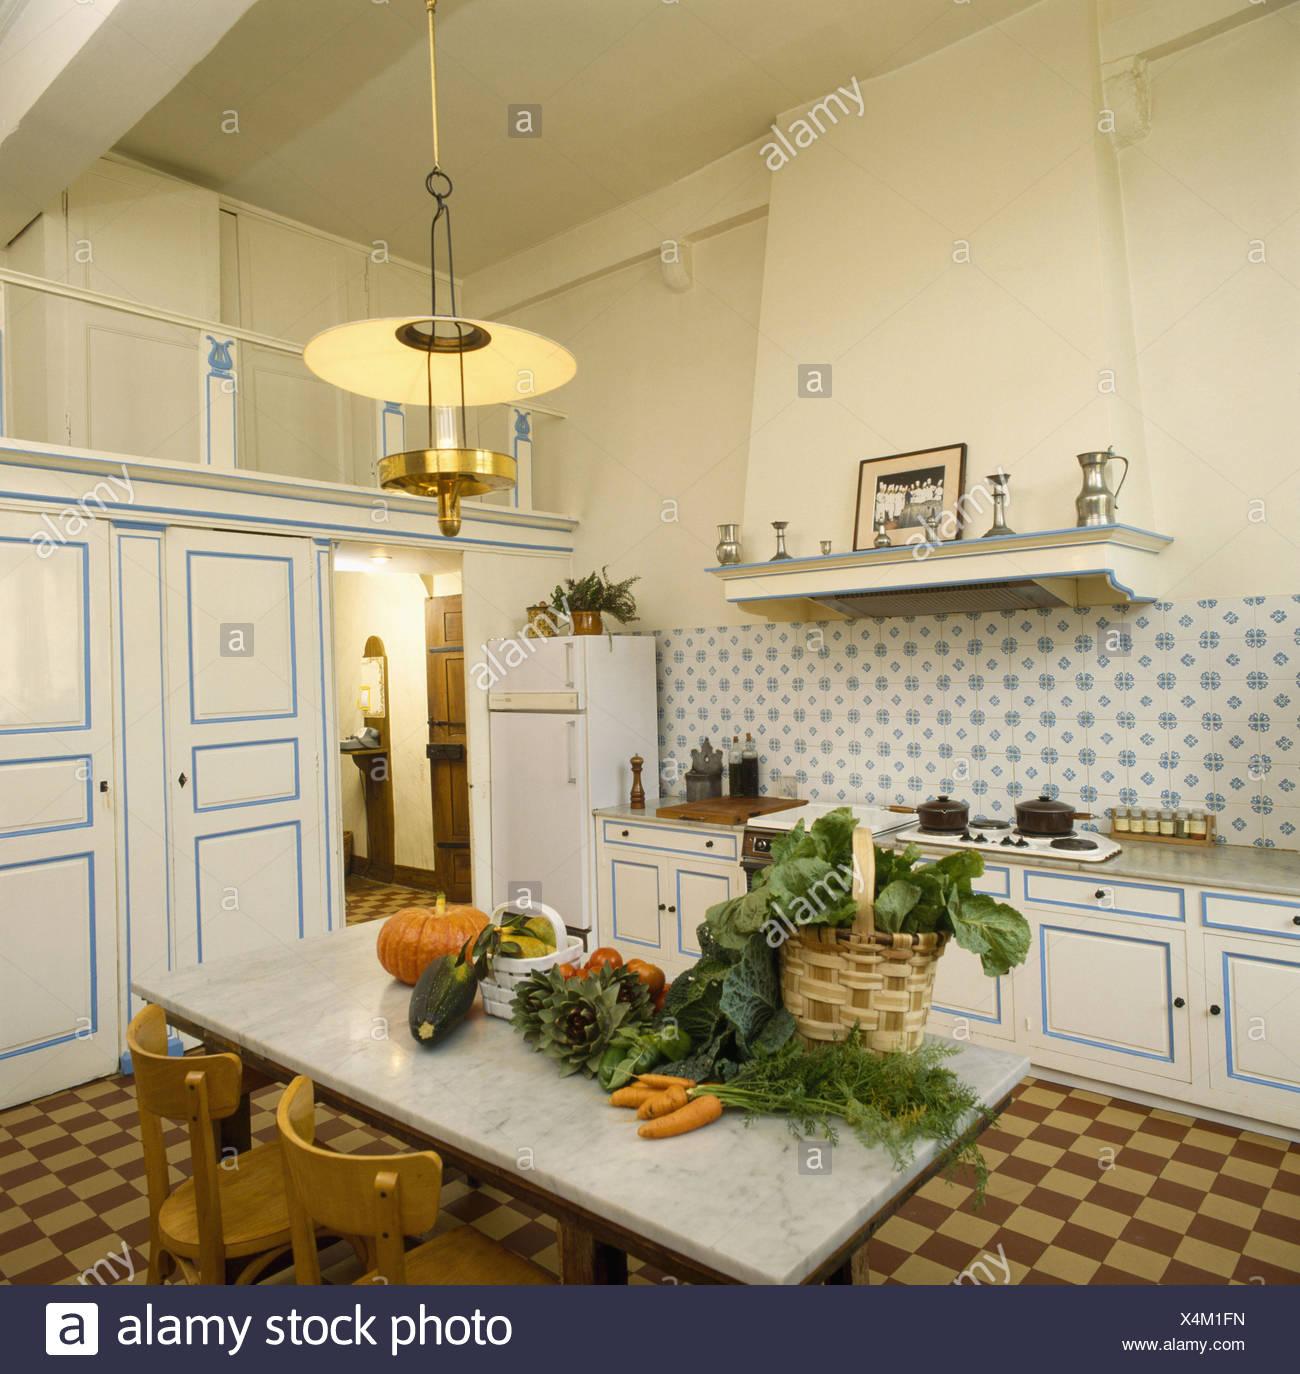 Charmant Küche Pendelleuchte Uk Fotos - Ideen Für Die Küche ...